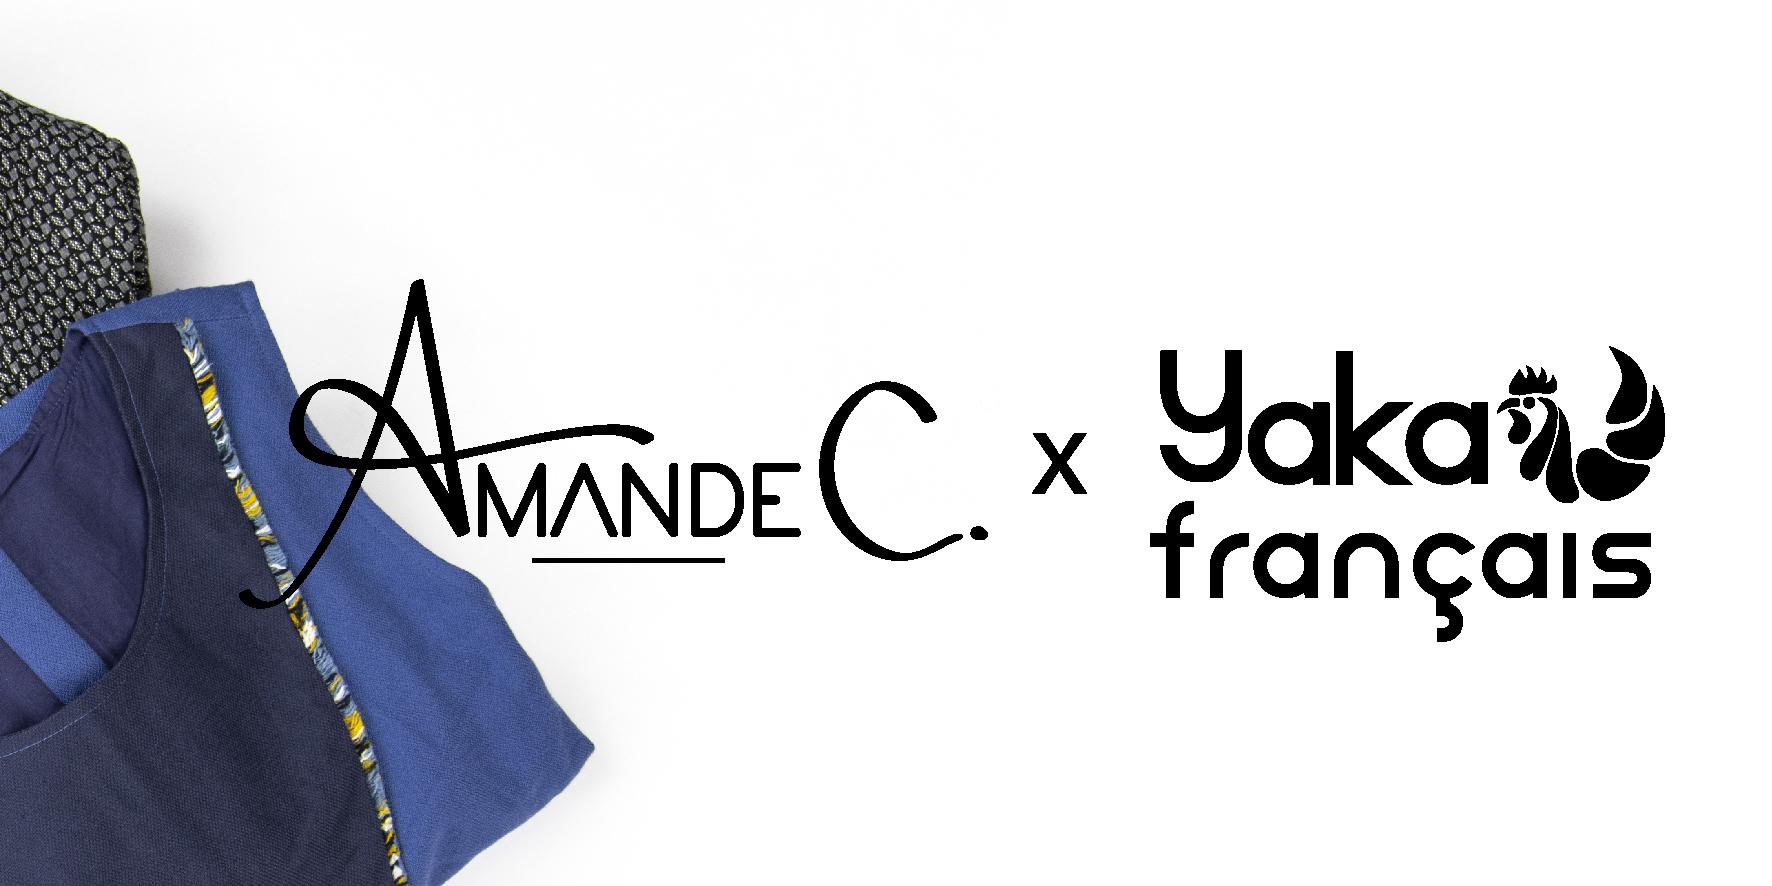 bandeau Amande C x Yaka Français-01